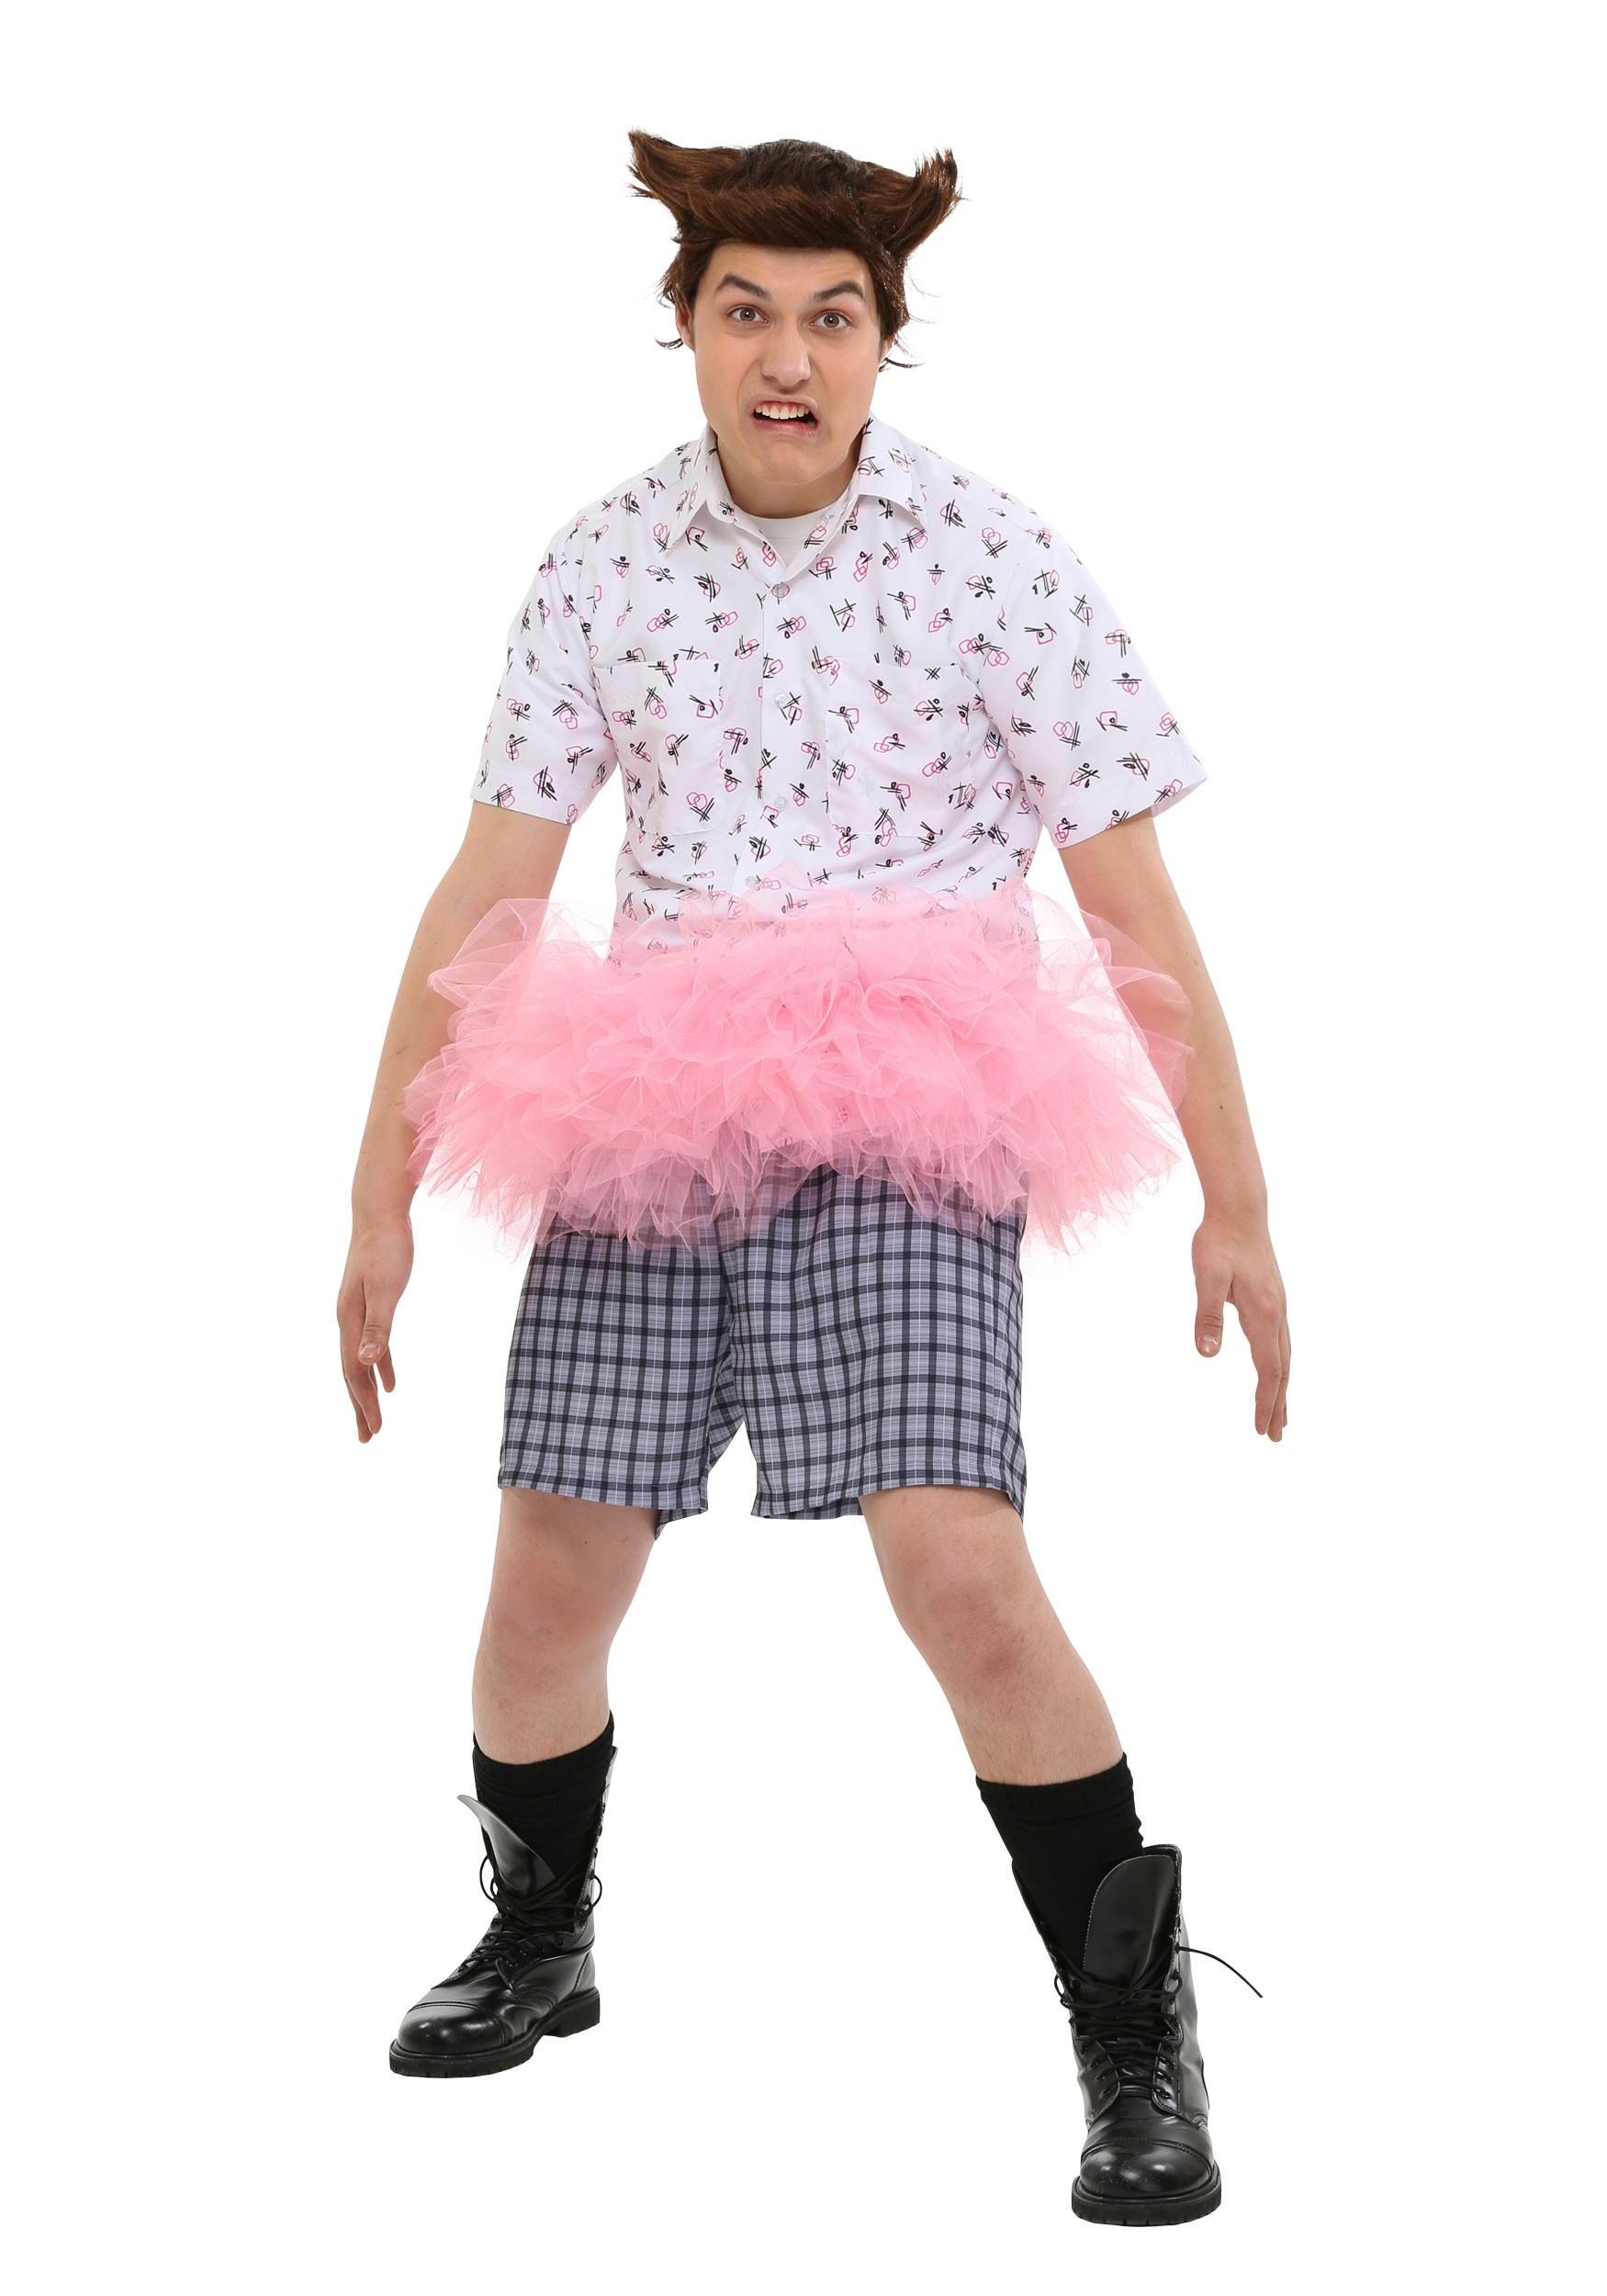 Ace Ventura Tutu Costume for Men